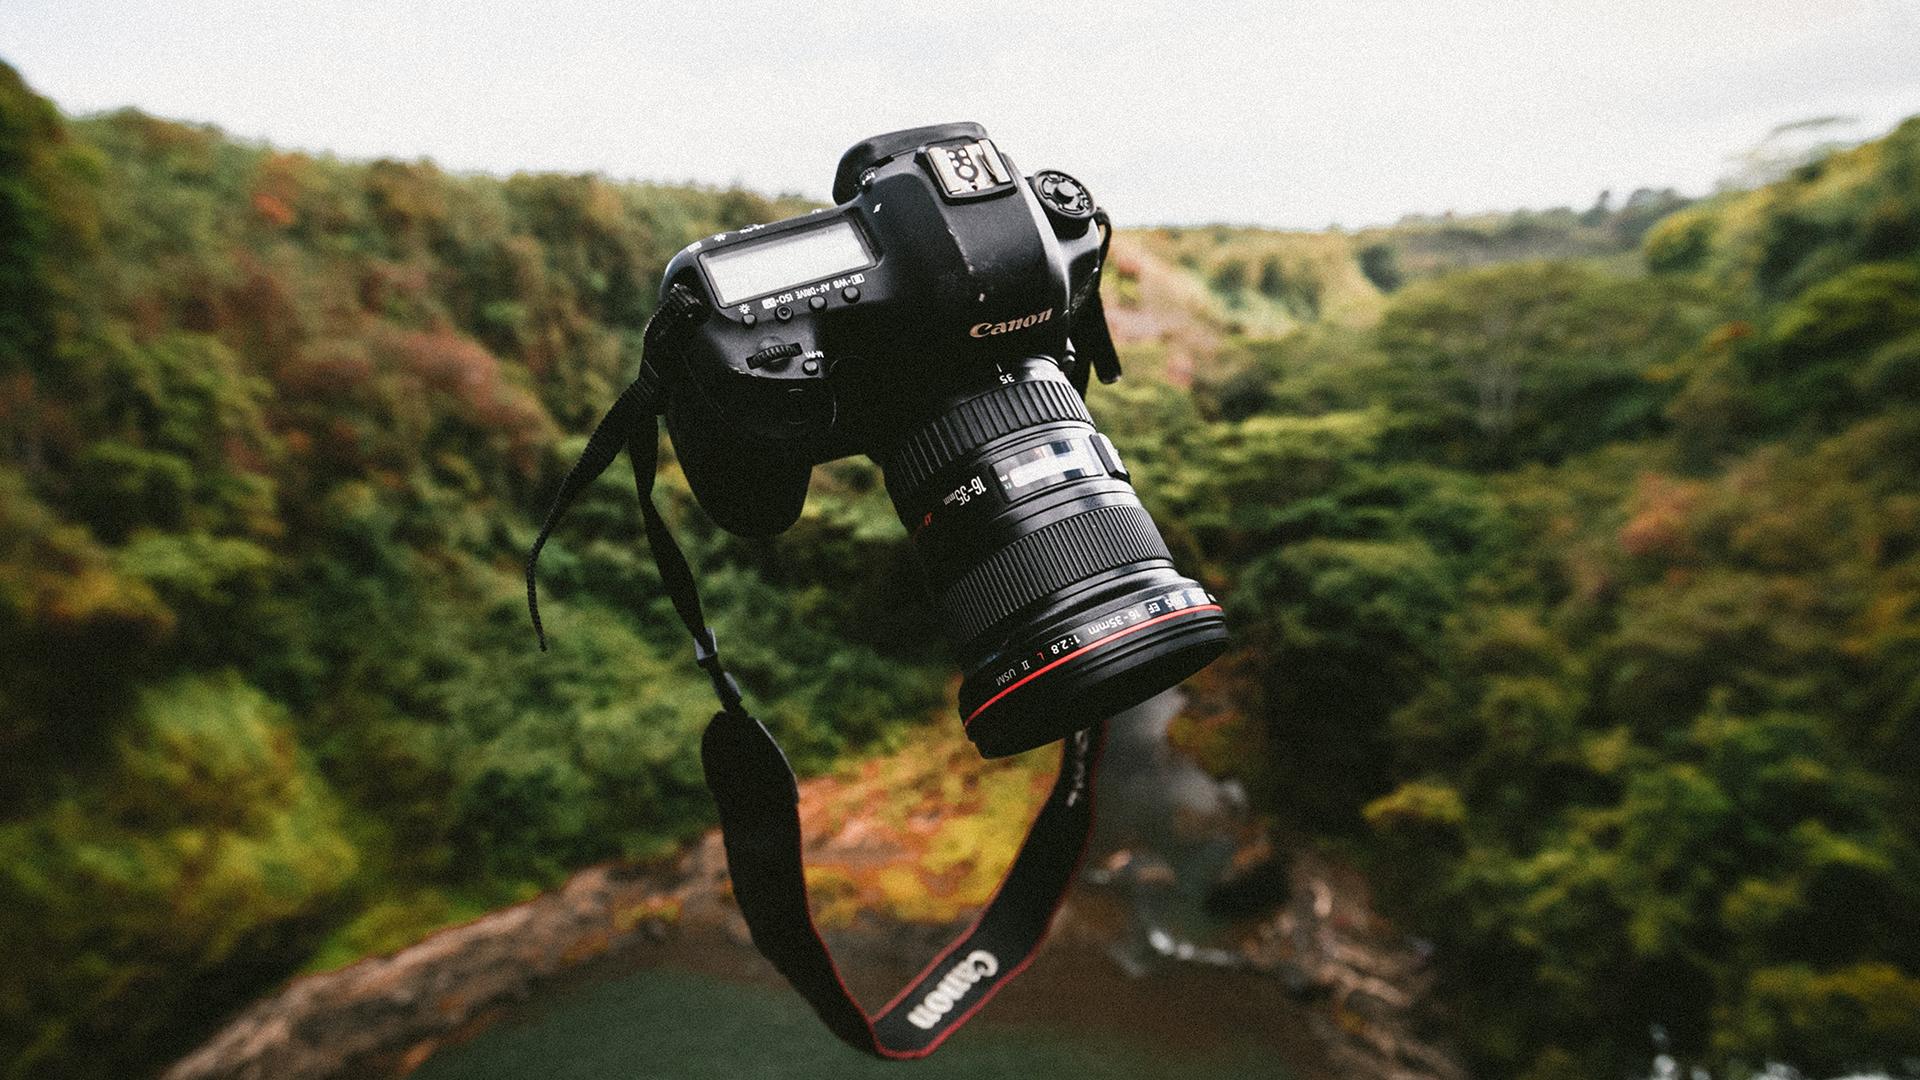 キヤノンが日本のBCNカメラランキングで首位を獲得